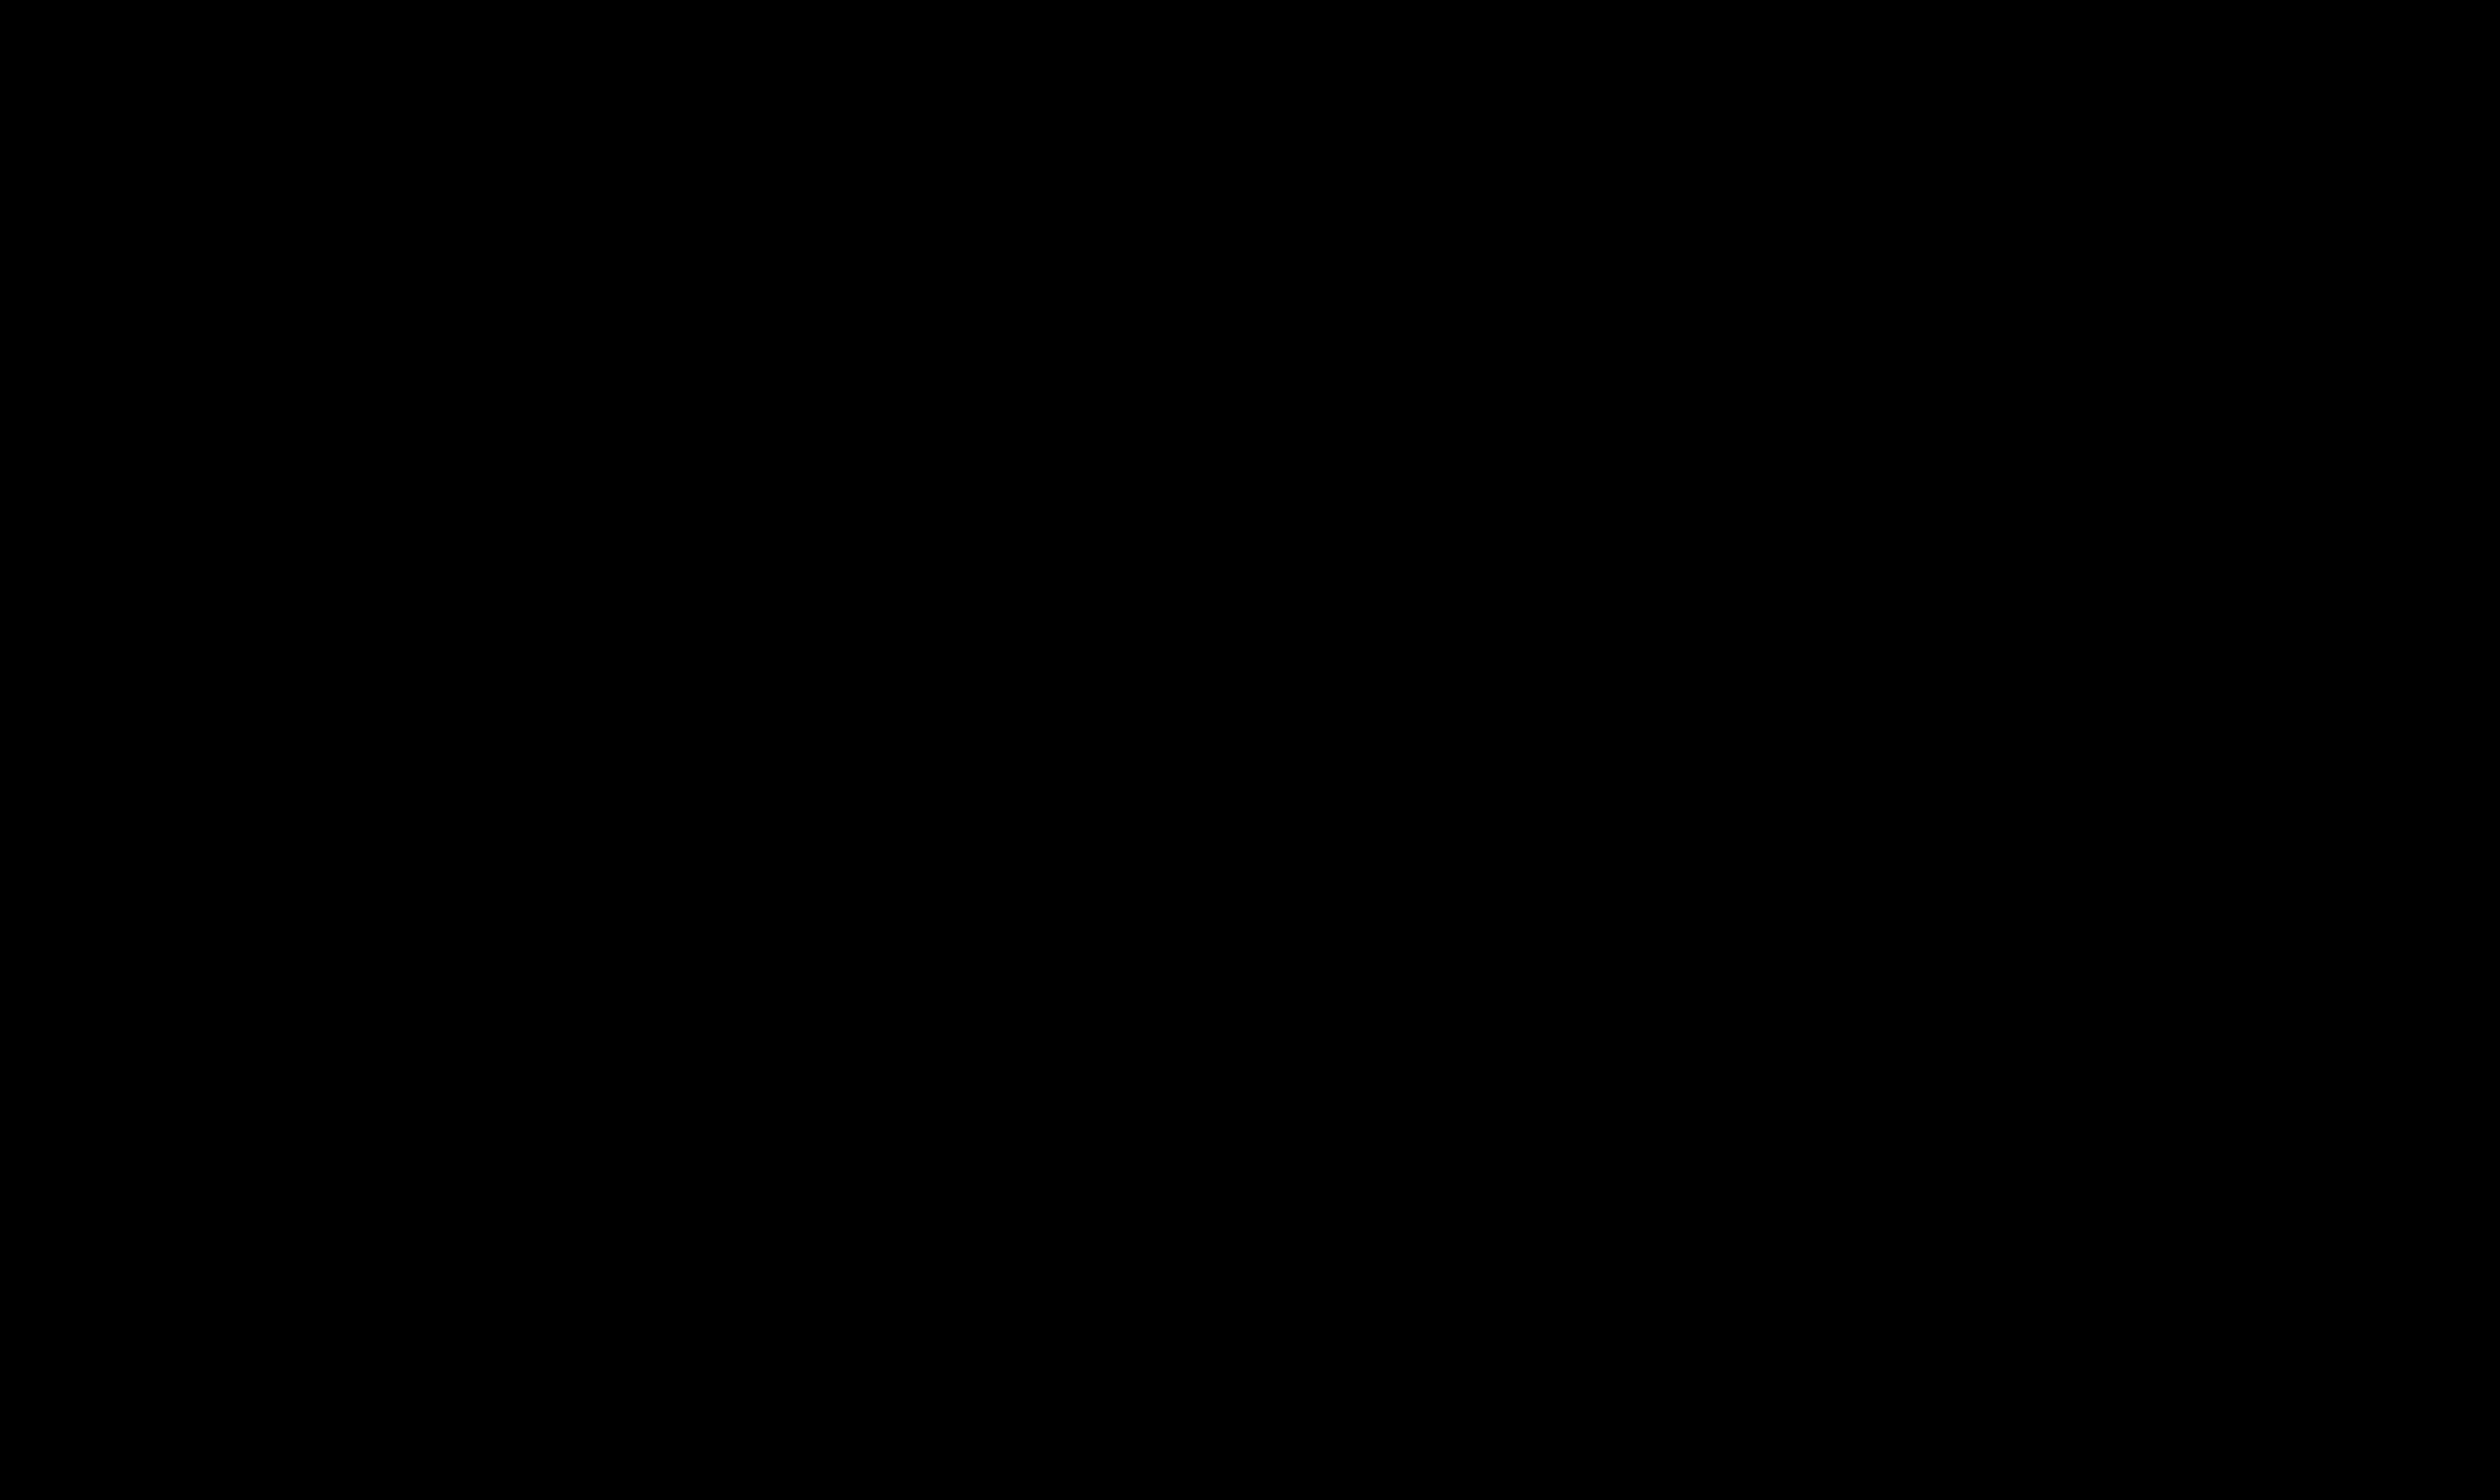 GTG_LogoPatternBKG.png